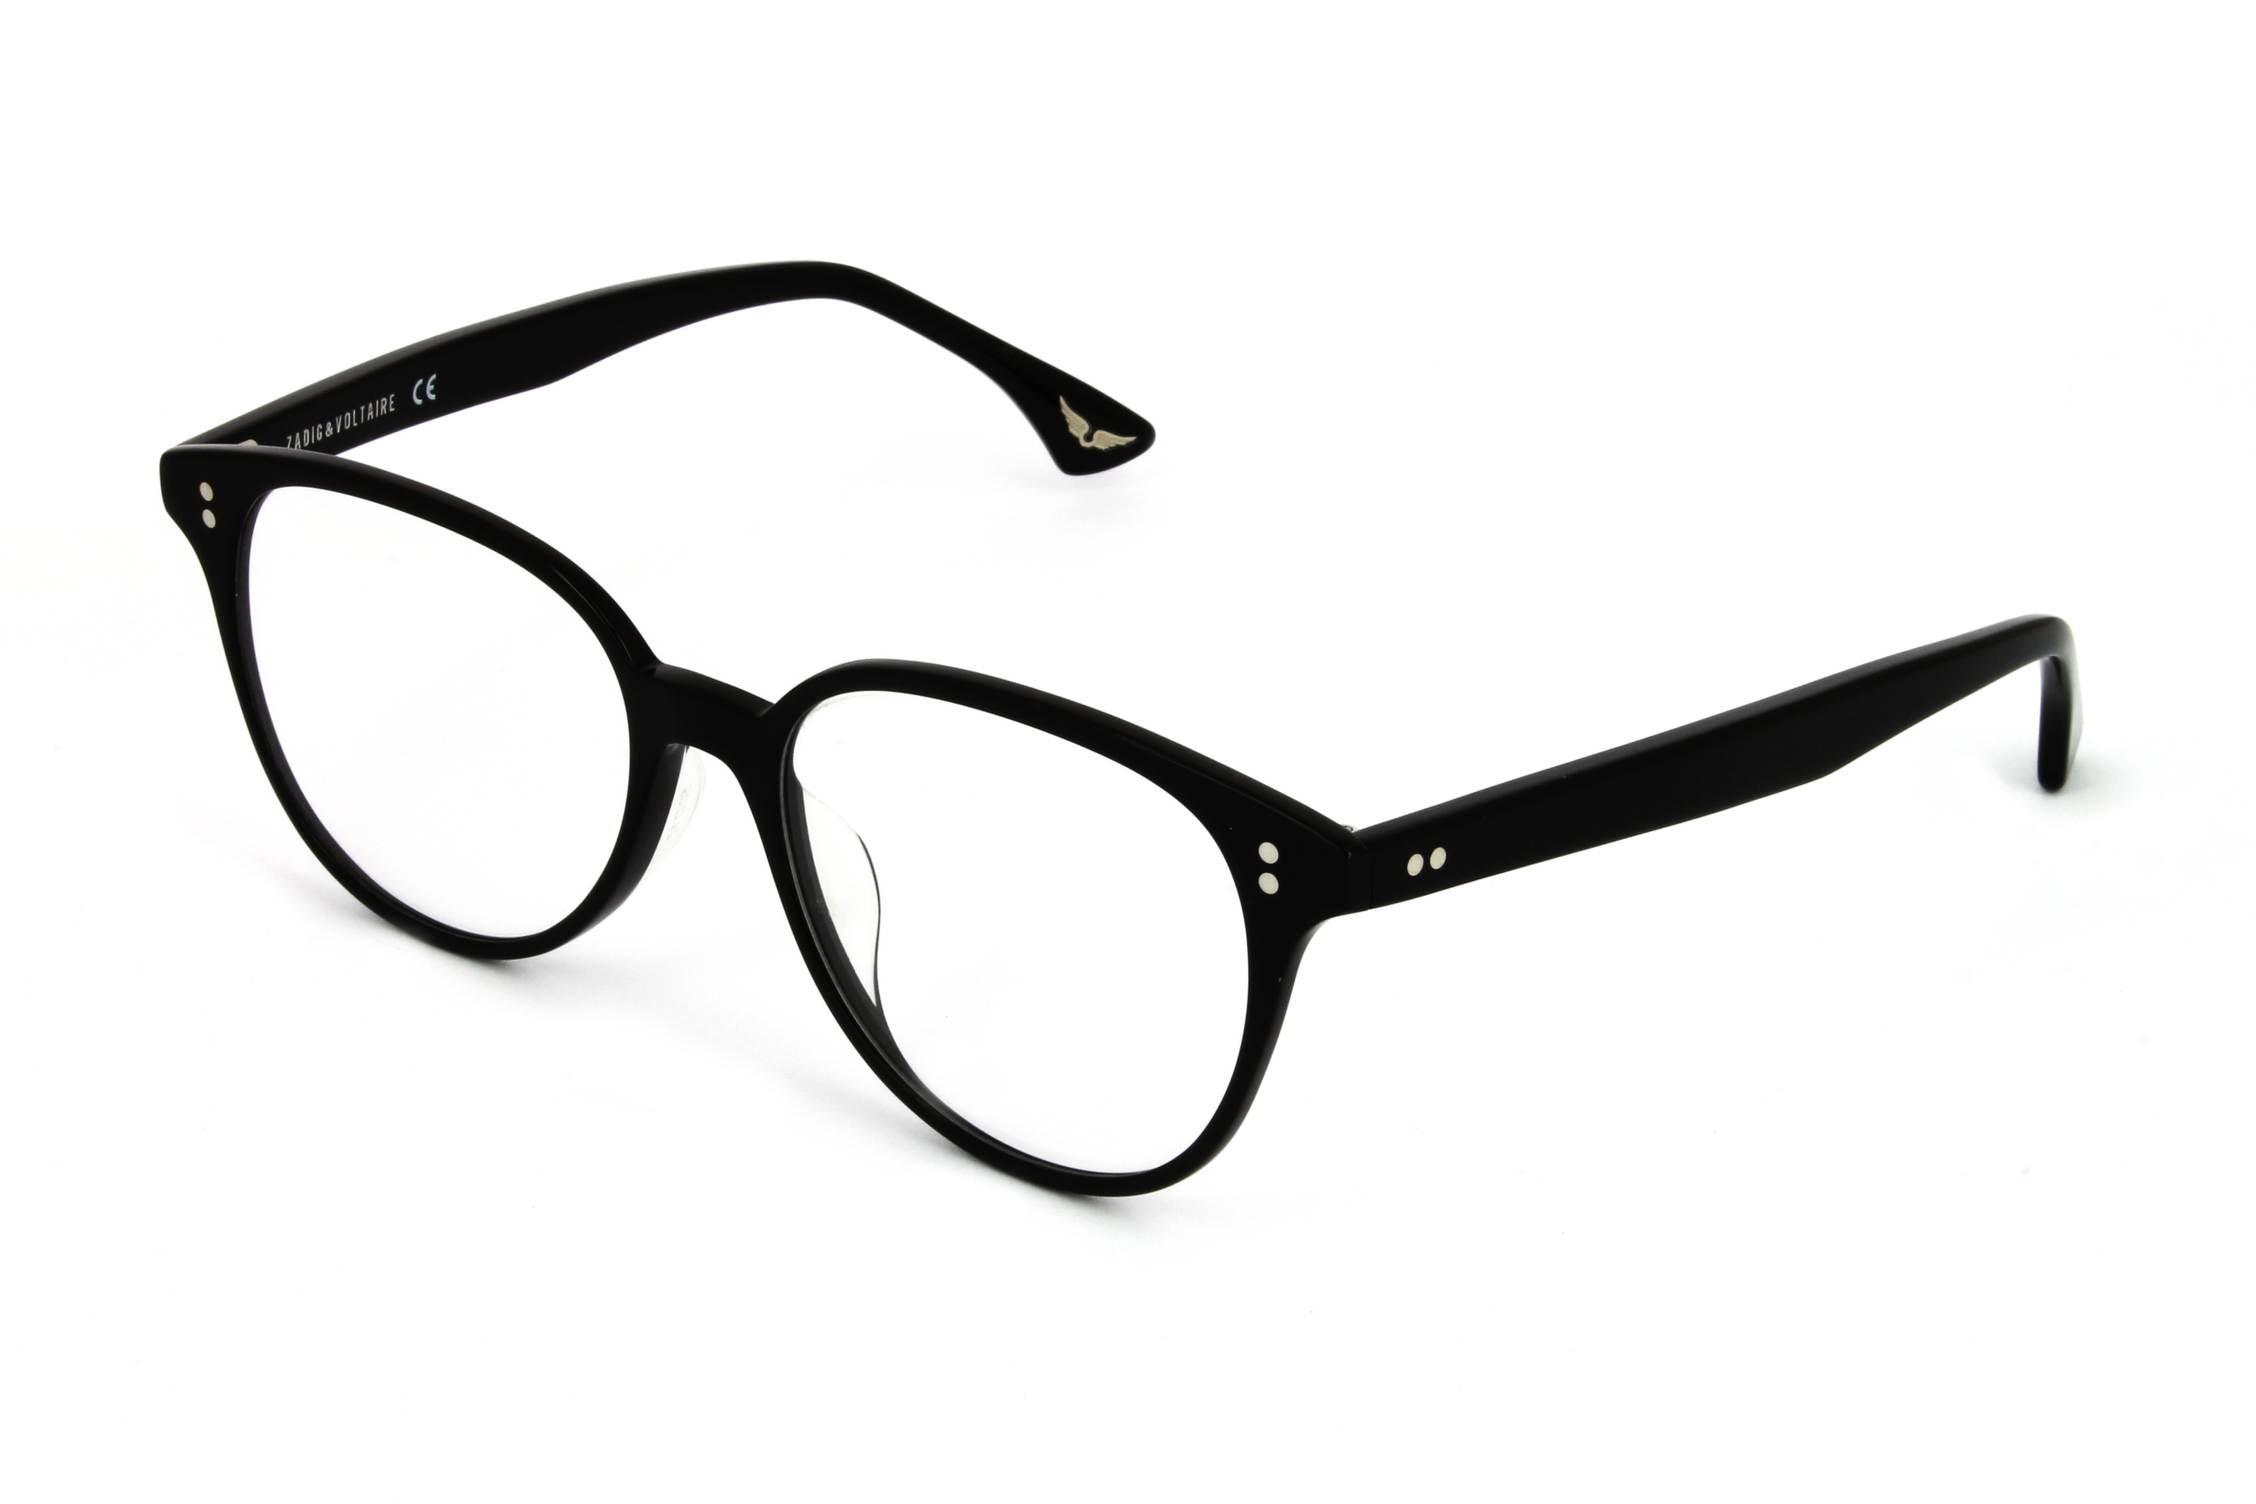 Penser à changer les verres de ses lunettes